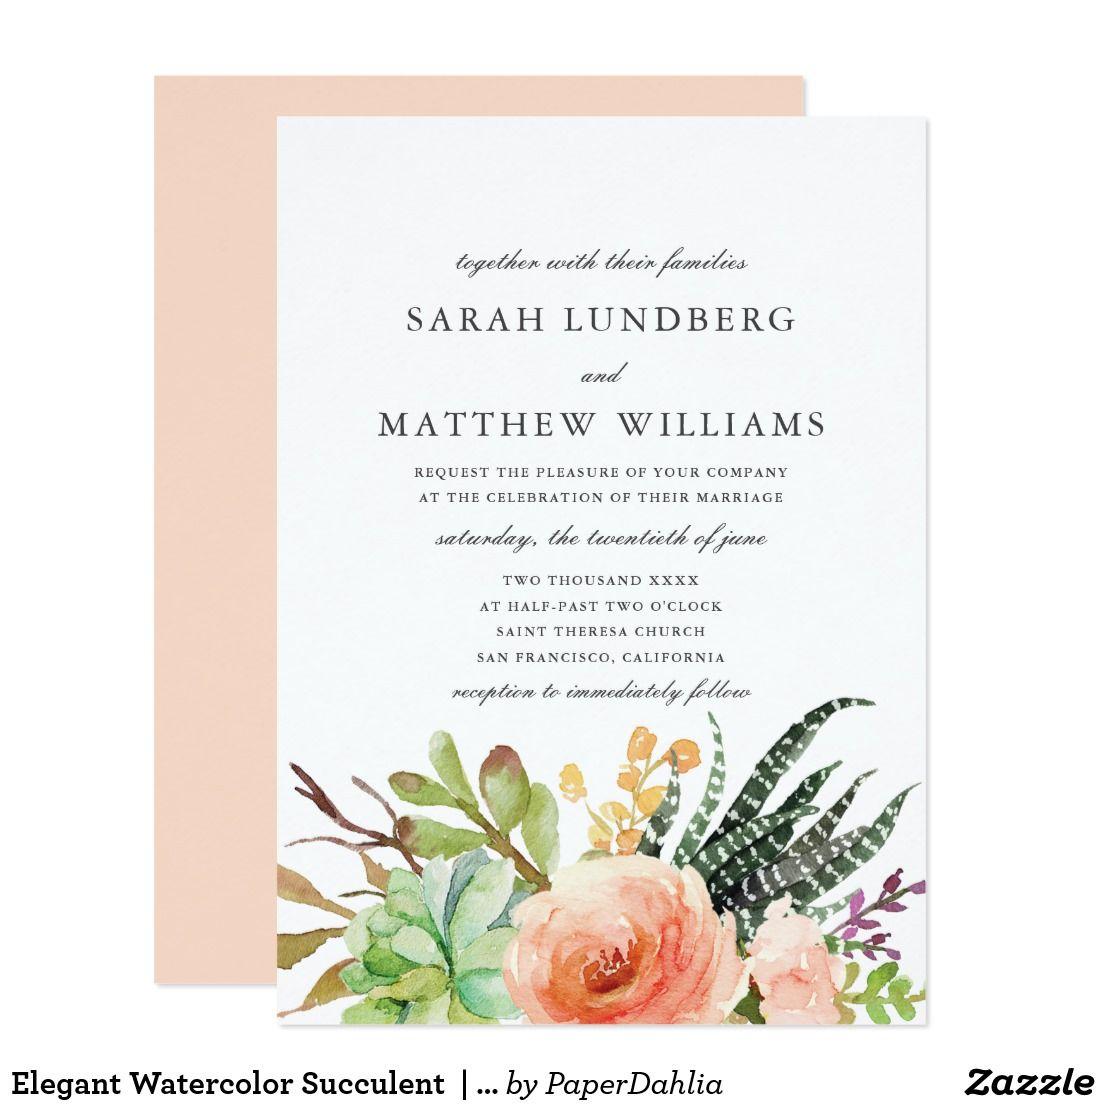 Elegant Watercolor Succulent Wedding Invitation Succulent